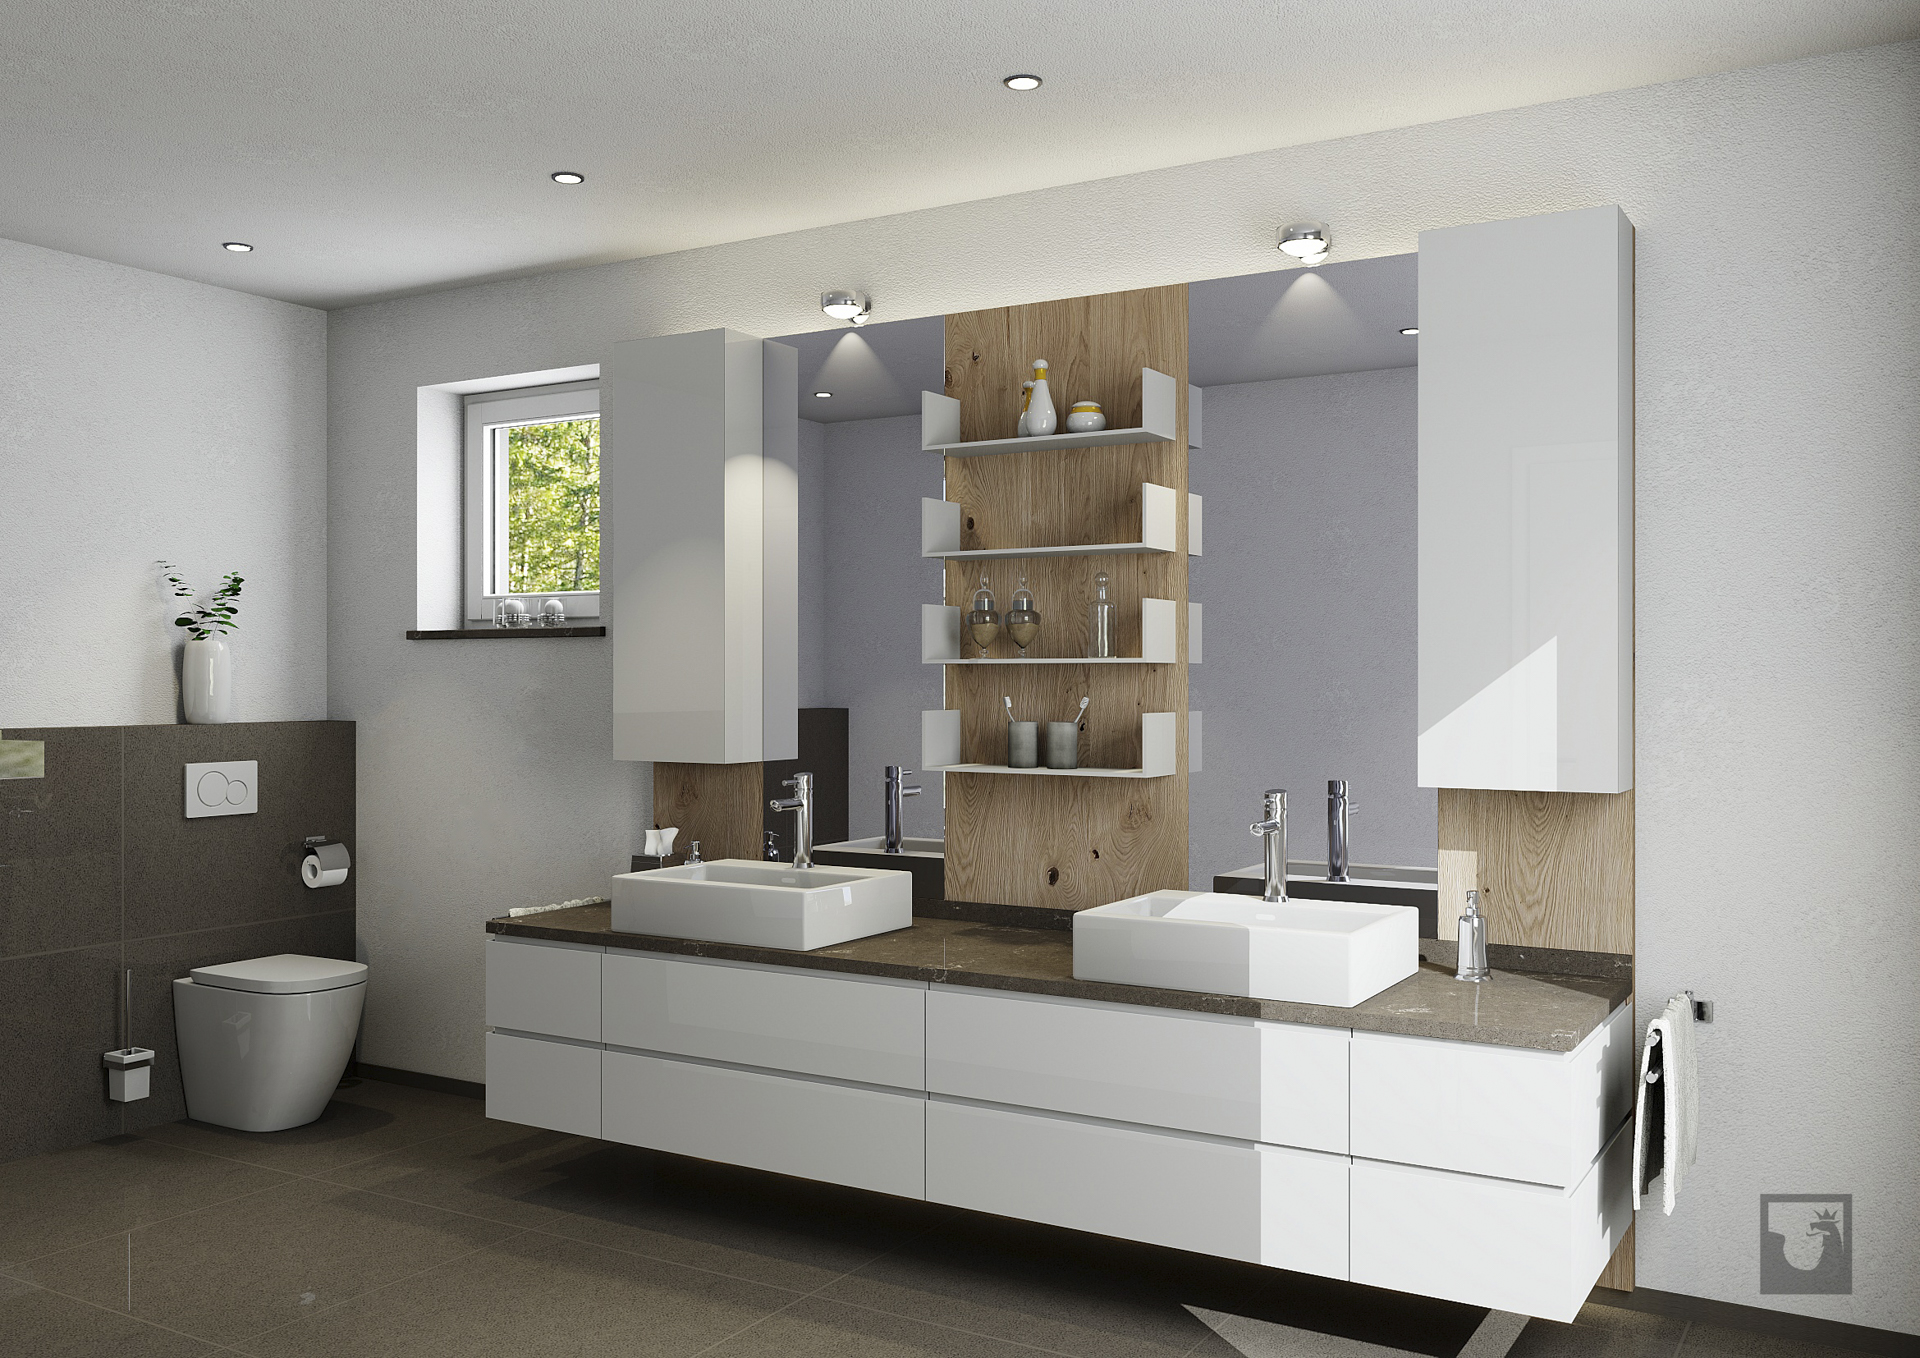 tischlerei-decker-visualisierungen-Schlafzimmer-Bad-Hochglanz-weiß